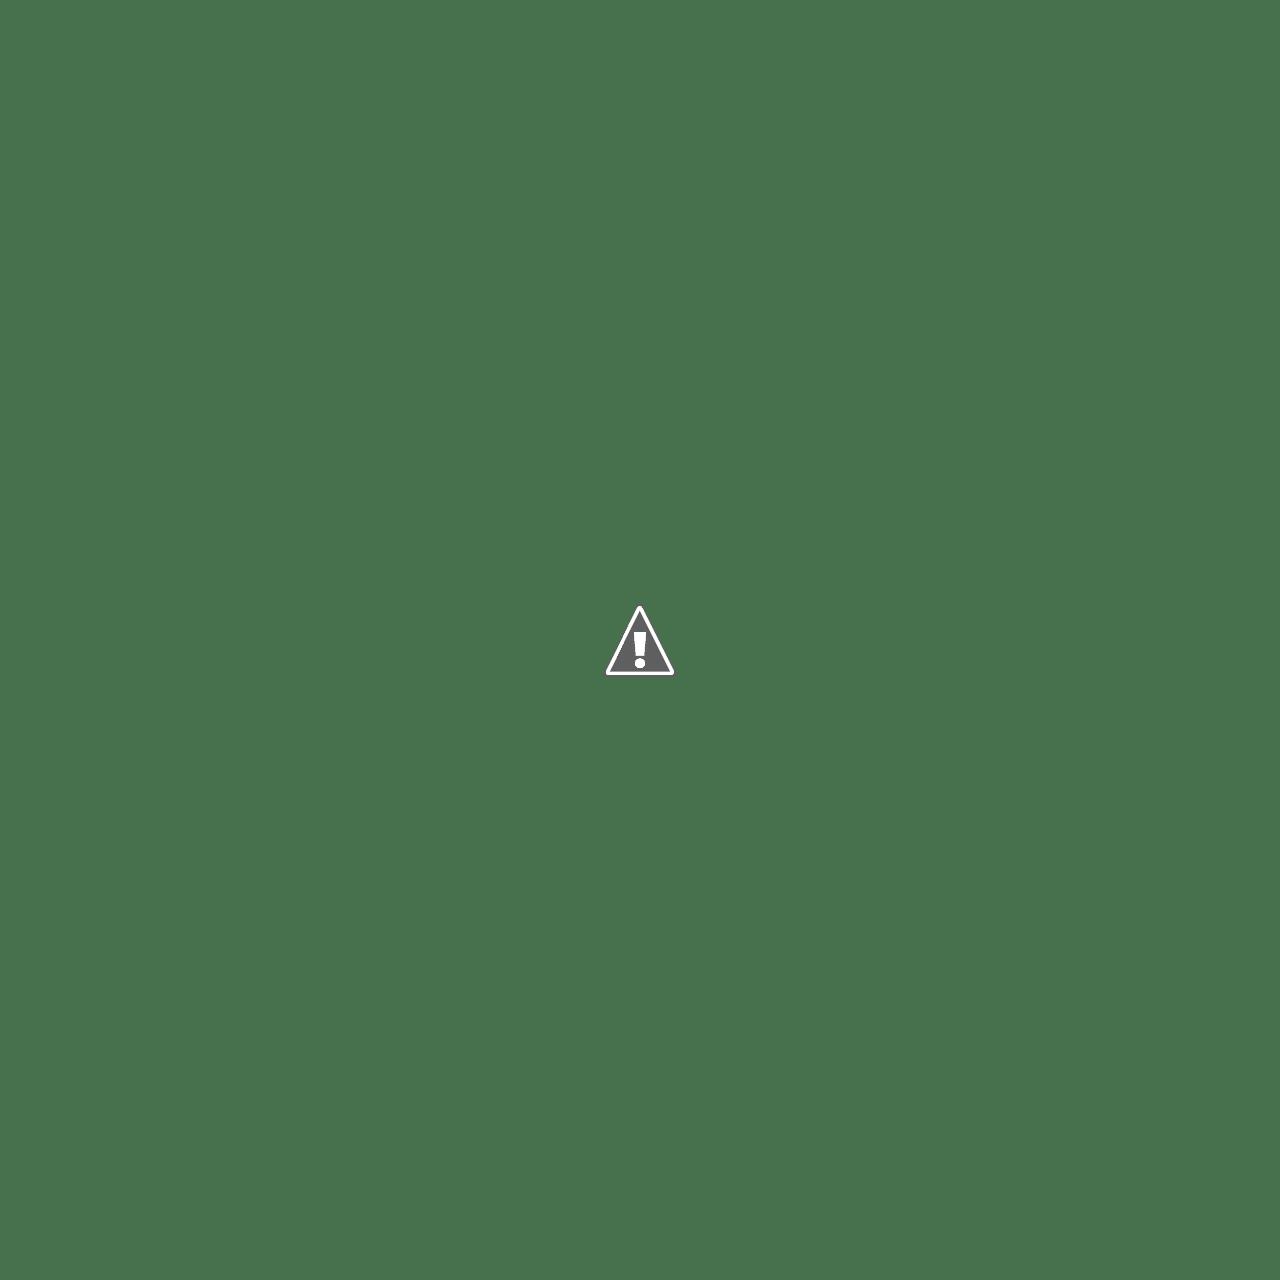 9fa455389 Football Store - Negozio Di Articoli Da Calcio a Palermo